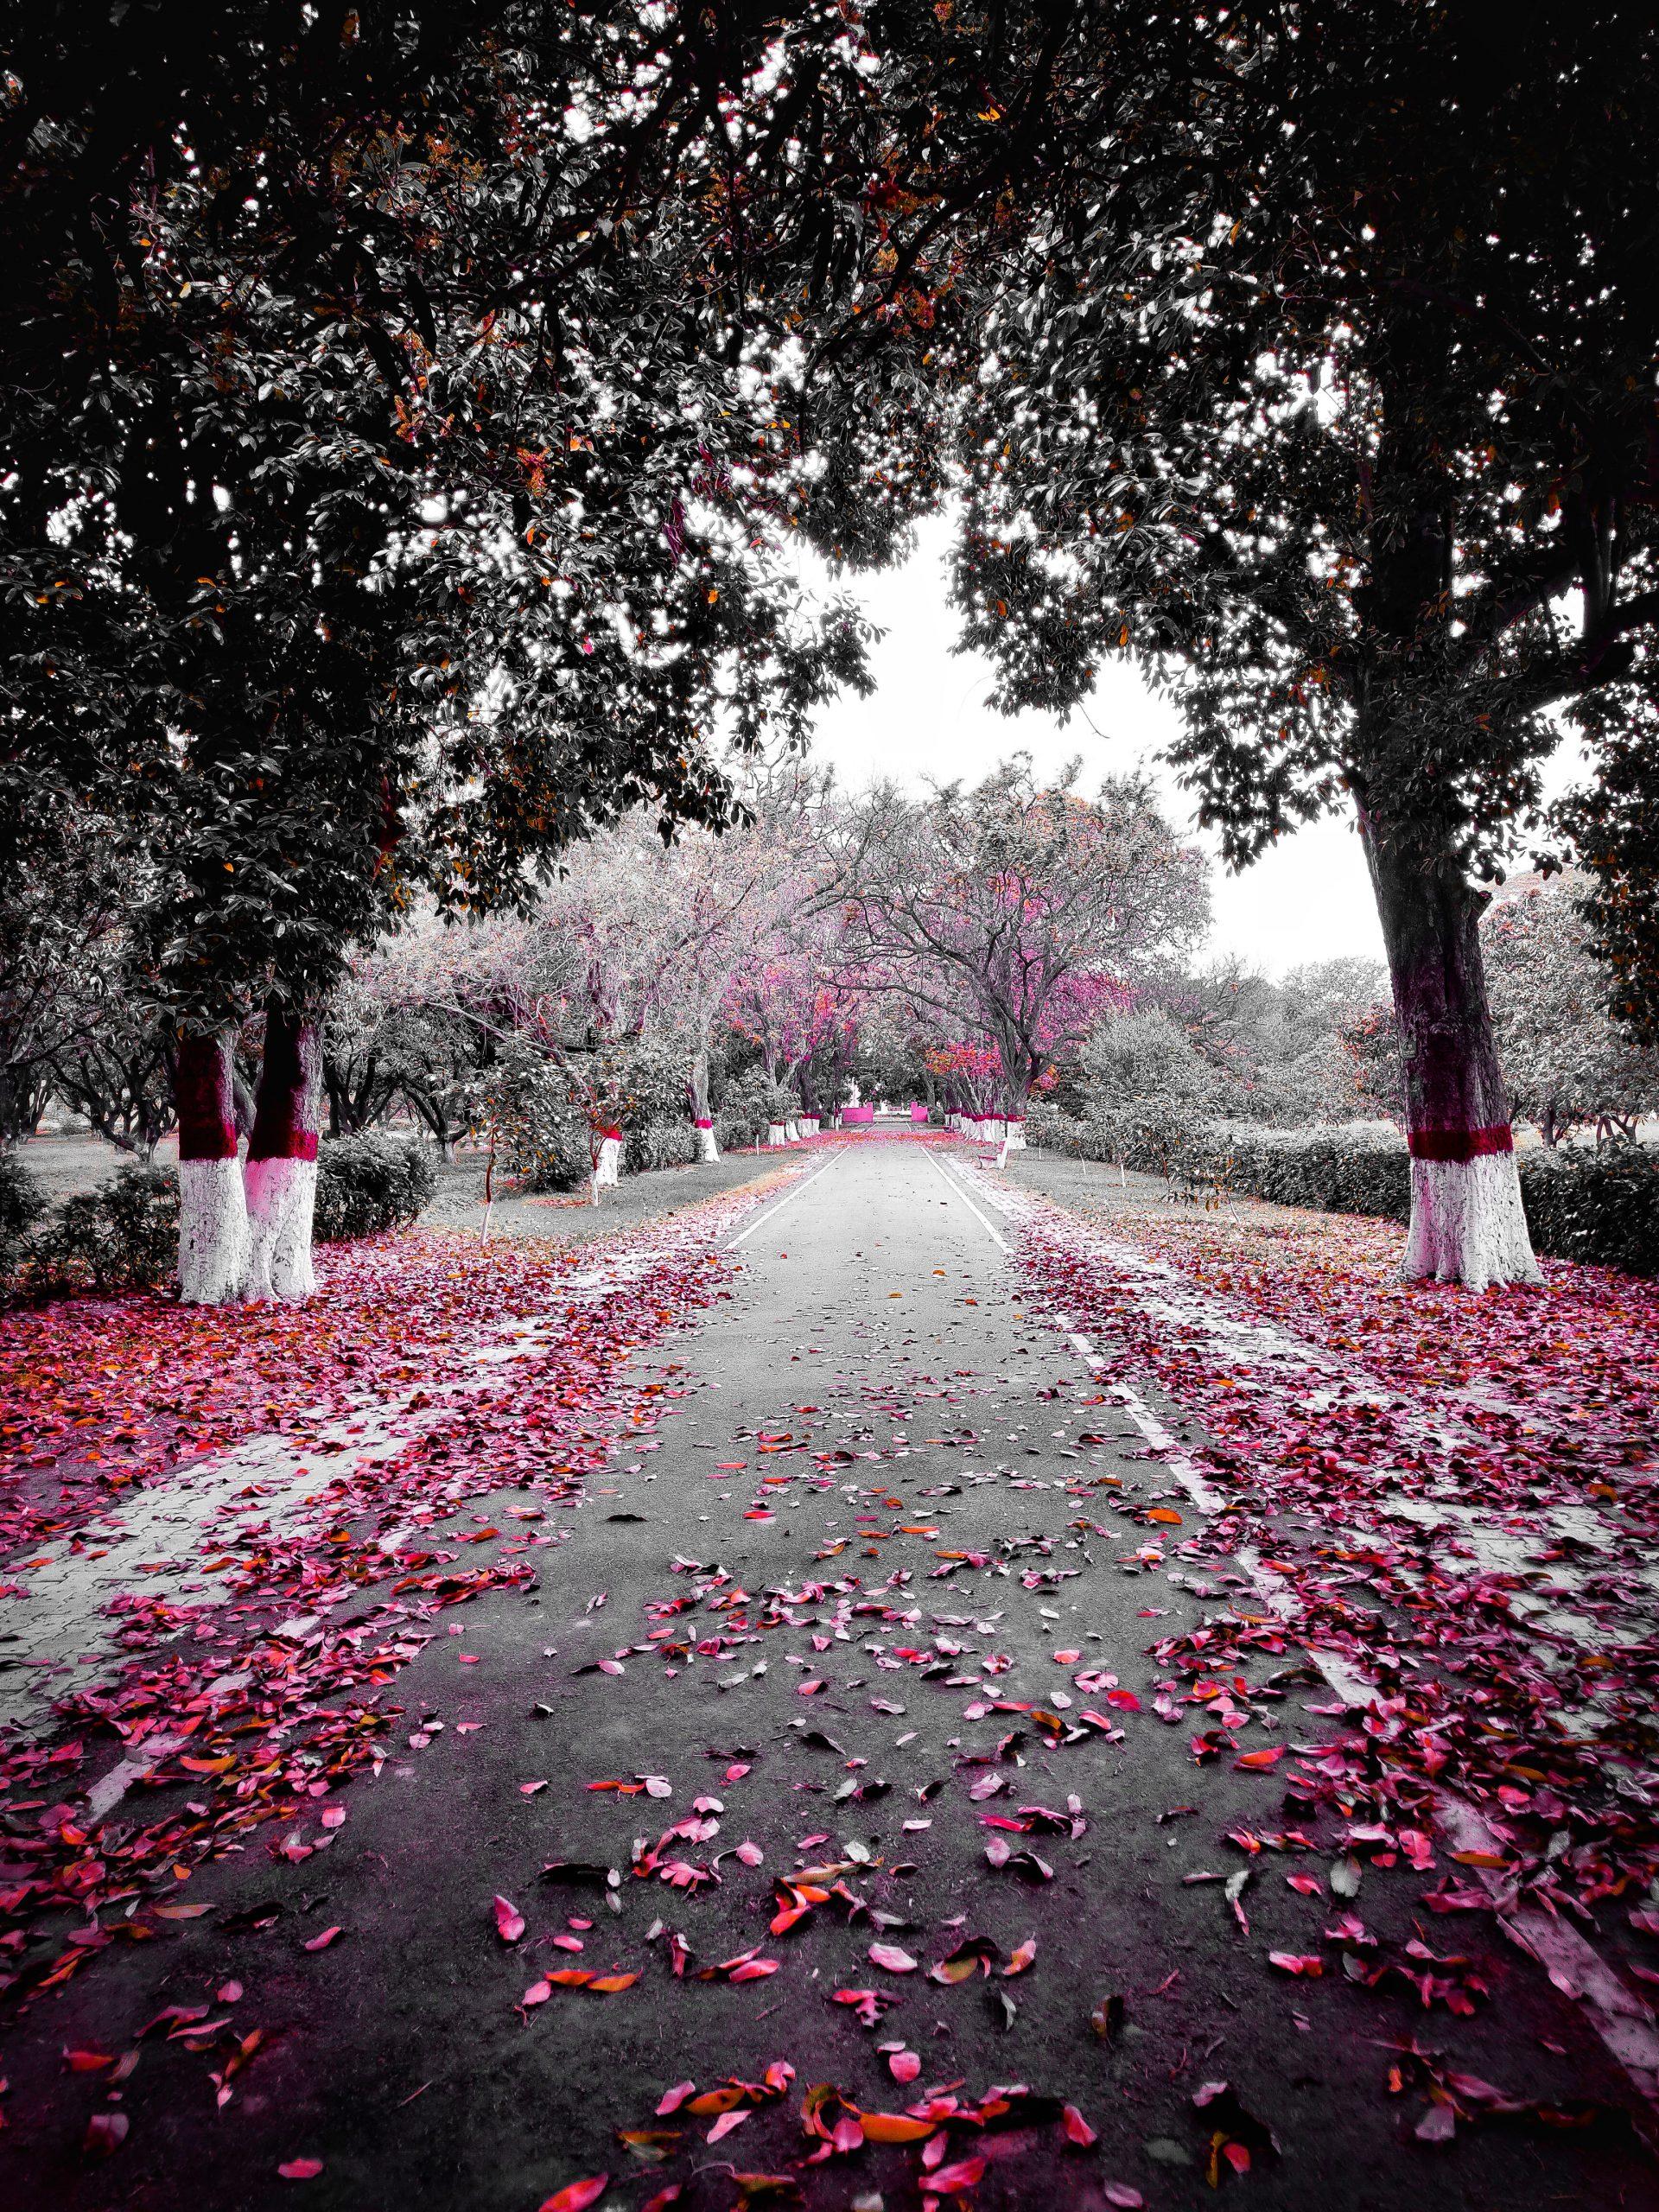 Fallen leaves on a road